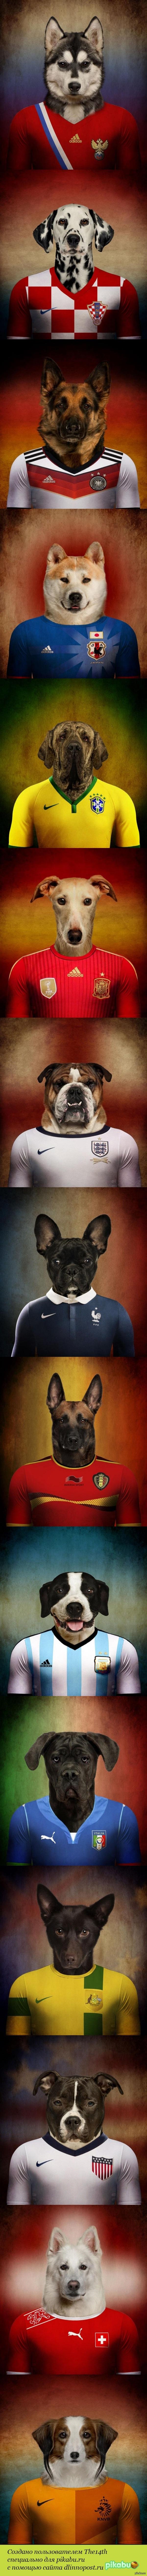 До начала чемпионата мира по футболу в Бразилии осталось 9 дней. Пока болельщики замерли в ожидании, фотограф из Бельгии Эрик Иссили создал серию постеров с собаками, одетыми в форму сборной страны своего происхождения.